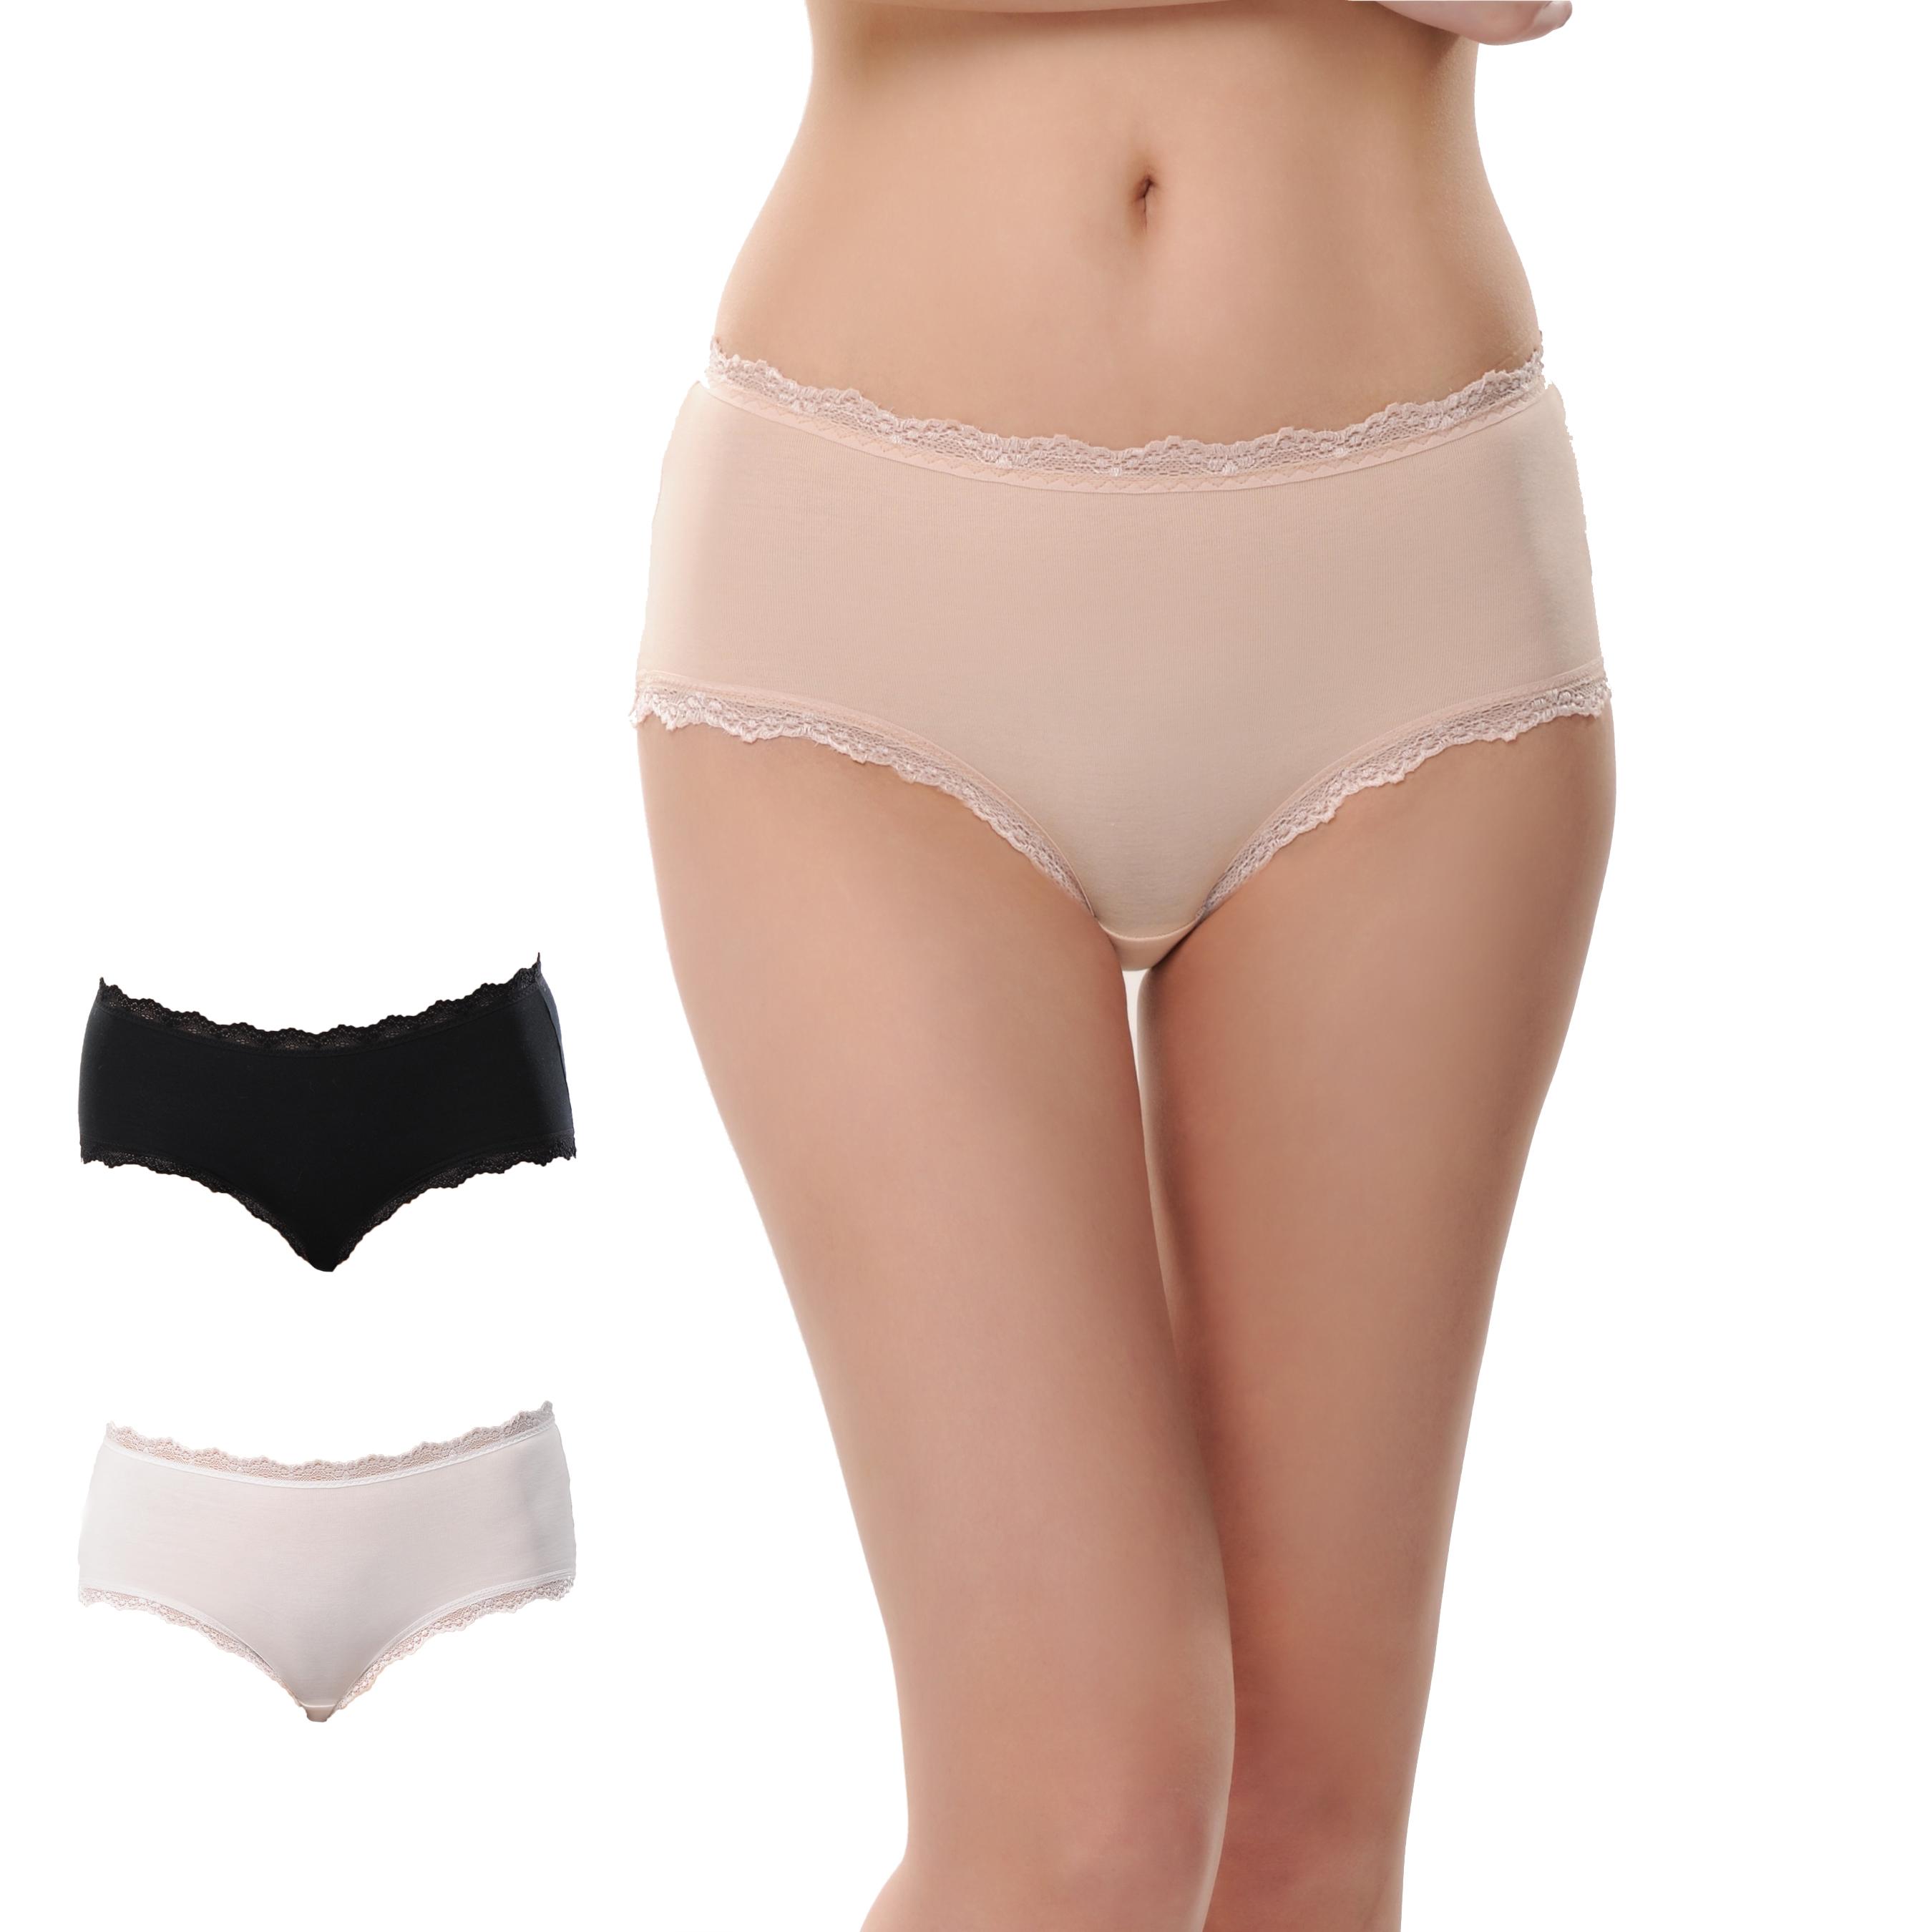 波浪花边女士三角纯棉内裤三条装